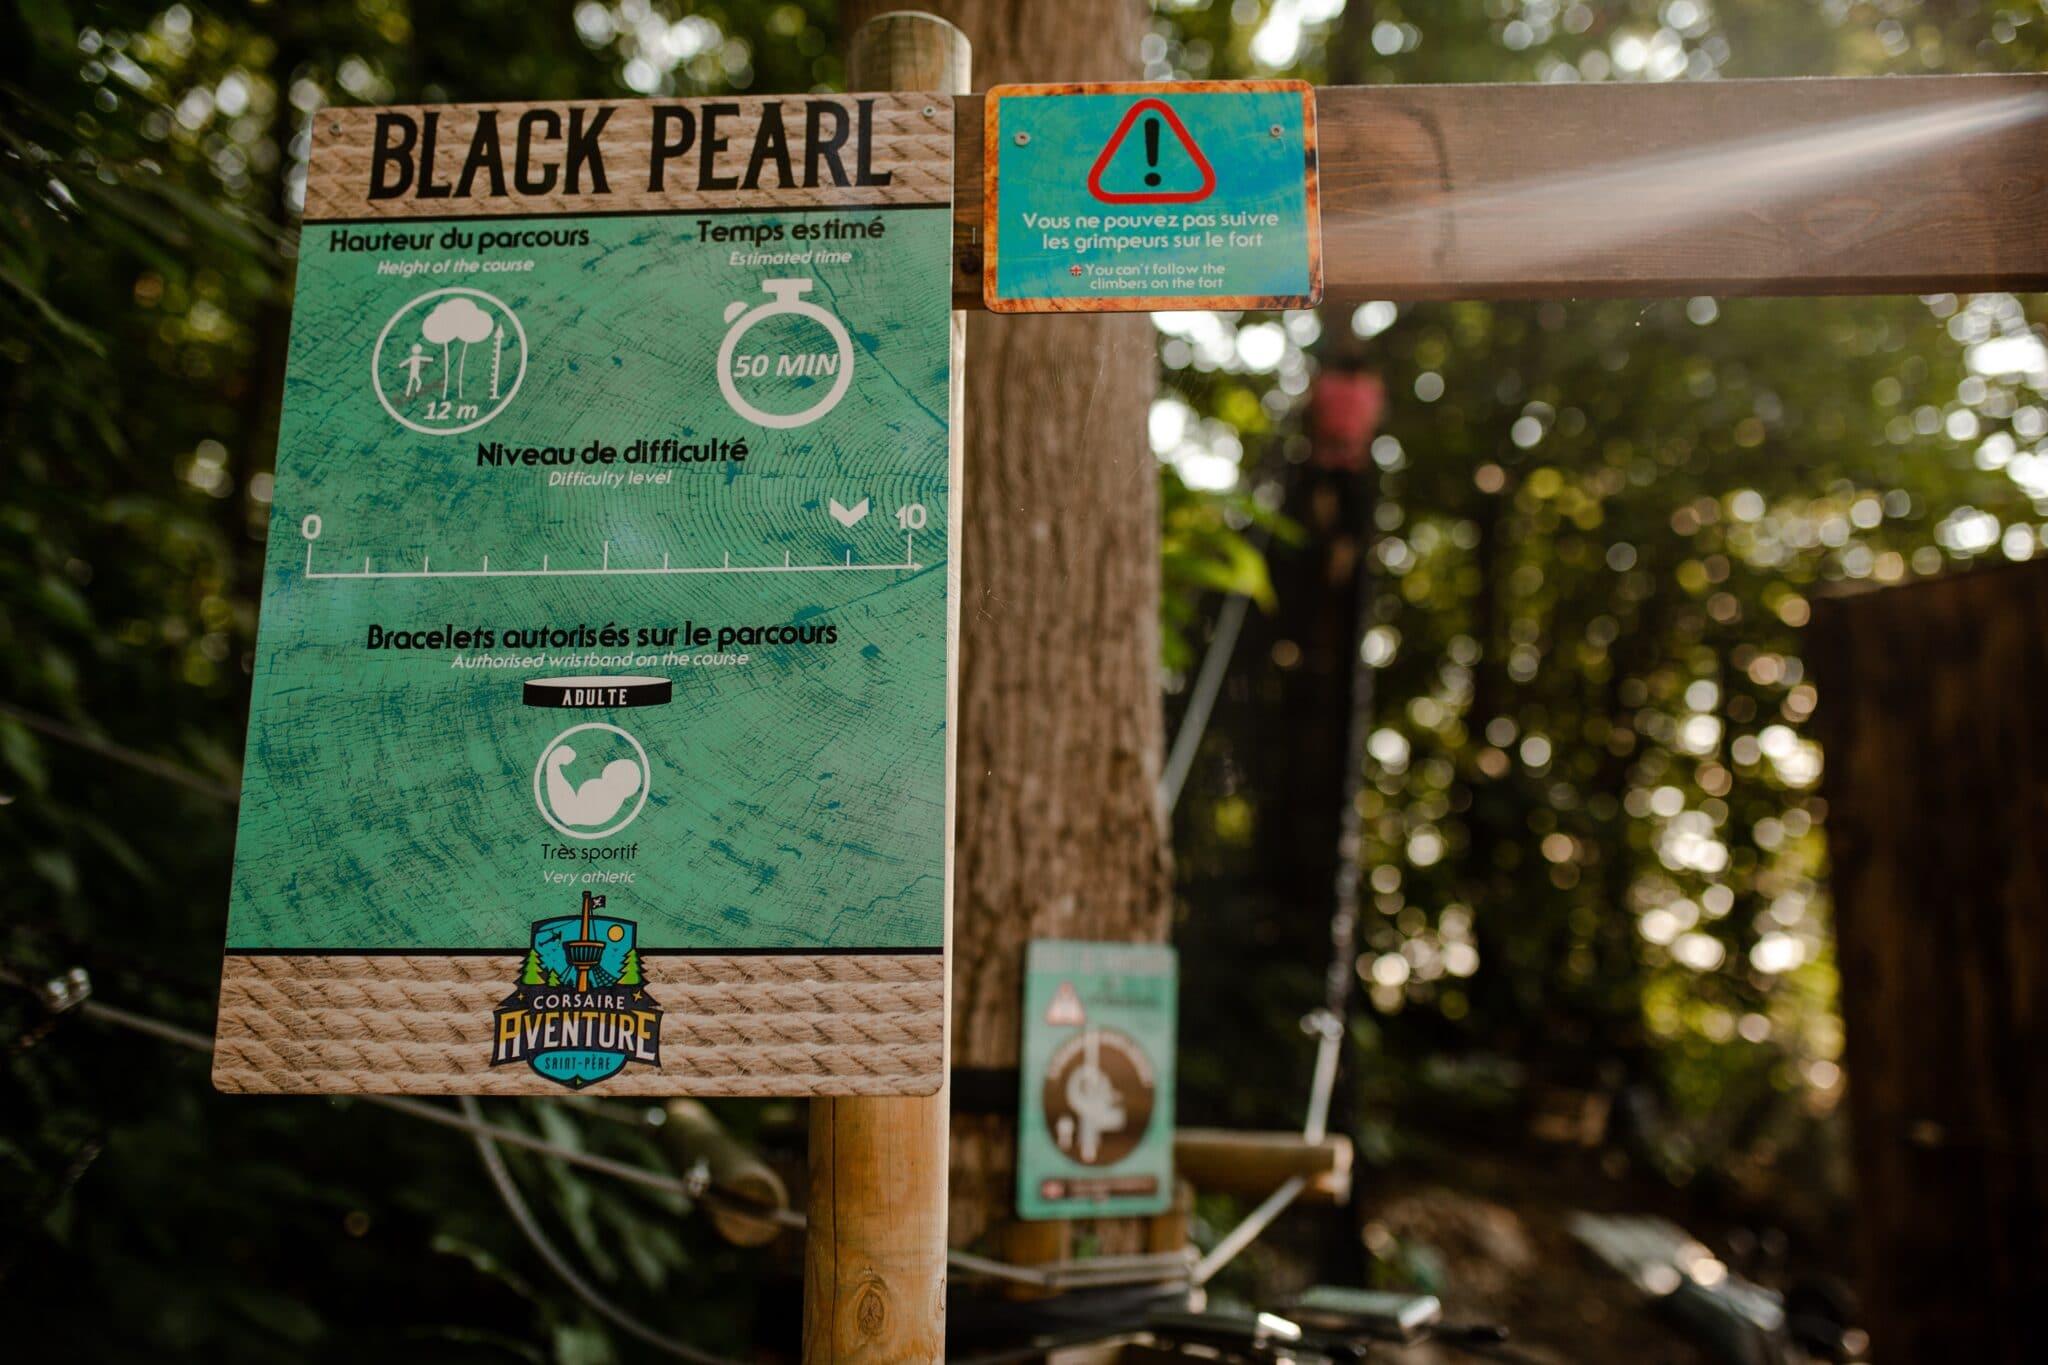 Pancarte Début Black